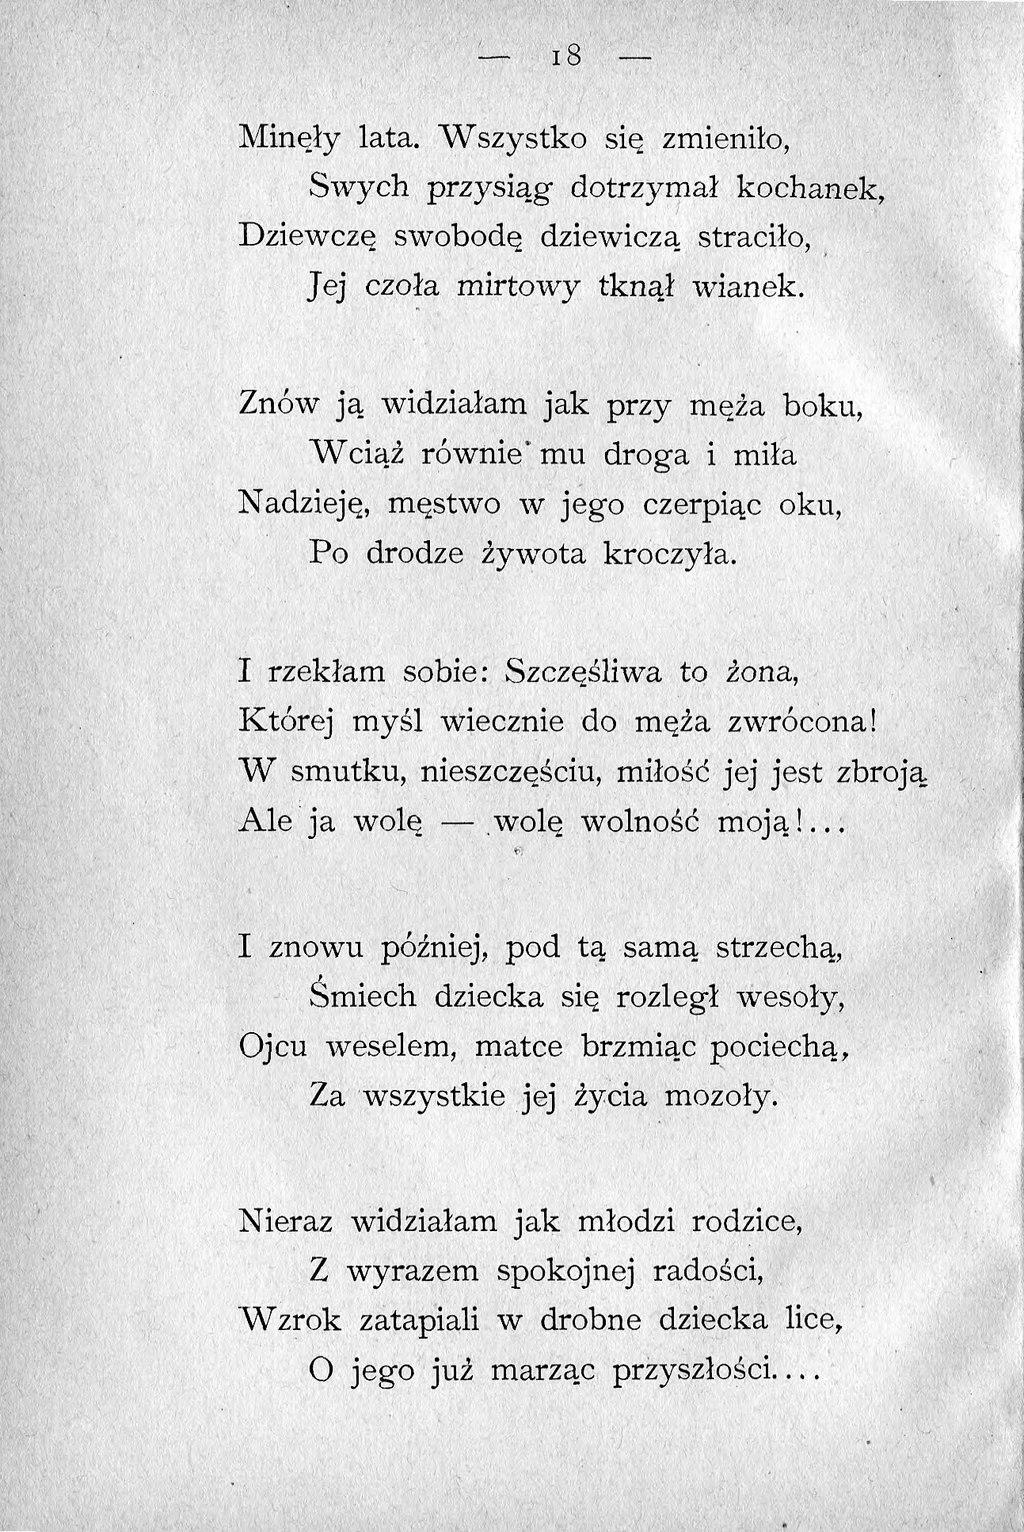 Stronawiersze Ulotne Szembekowadjvu016 Wikiźródła